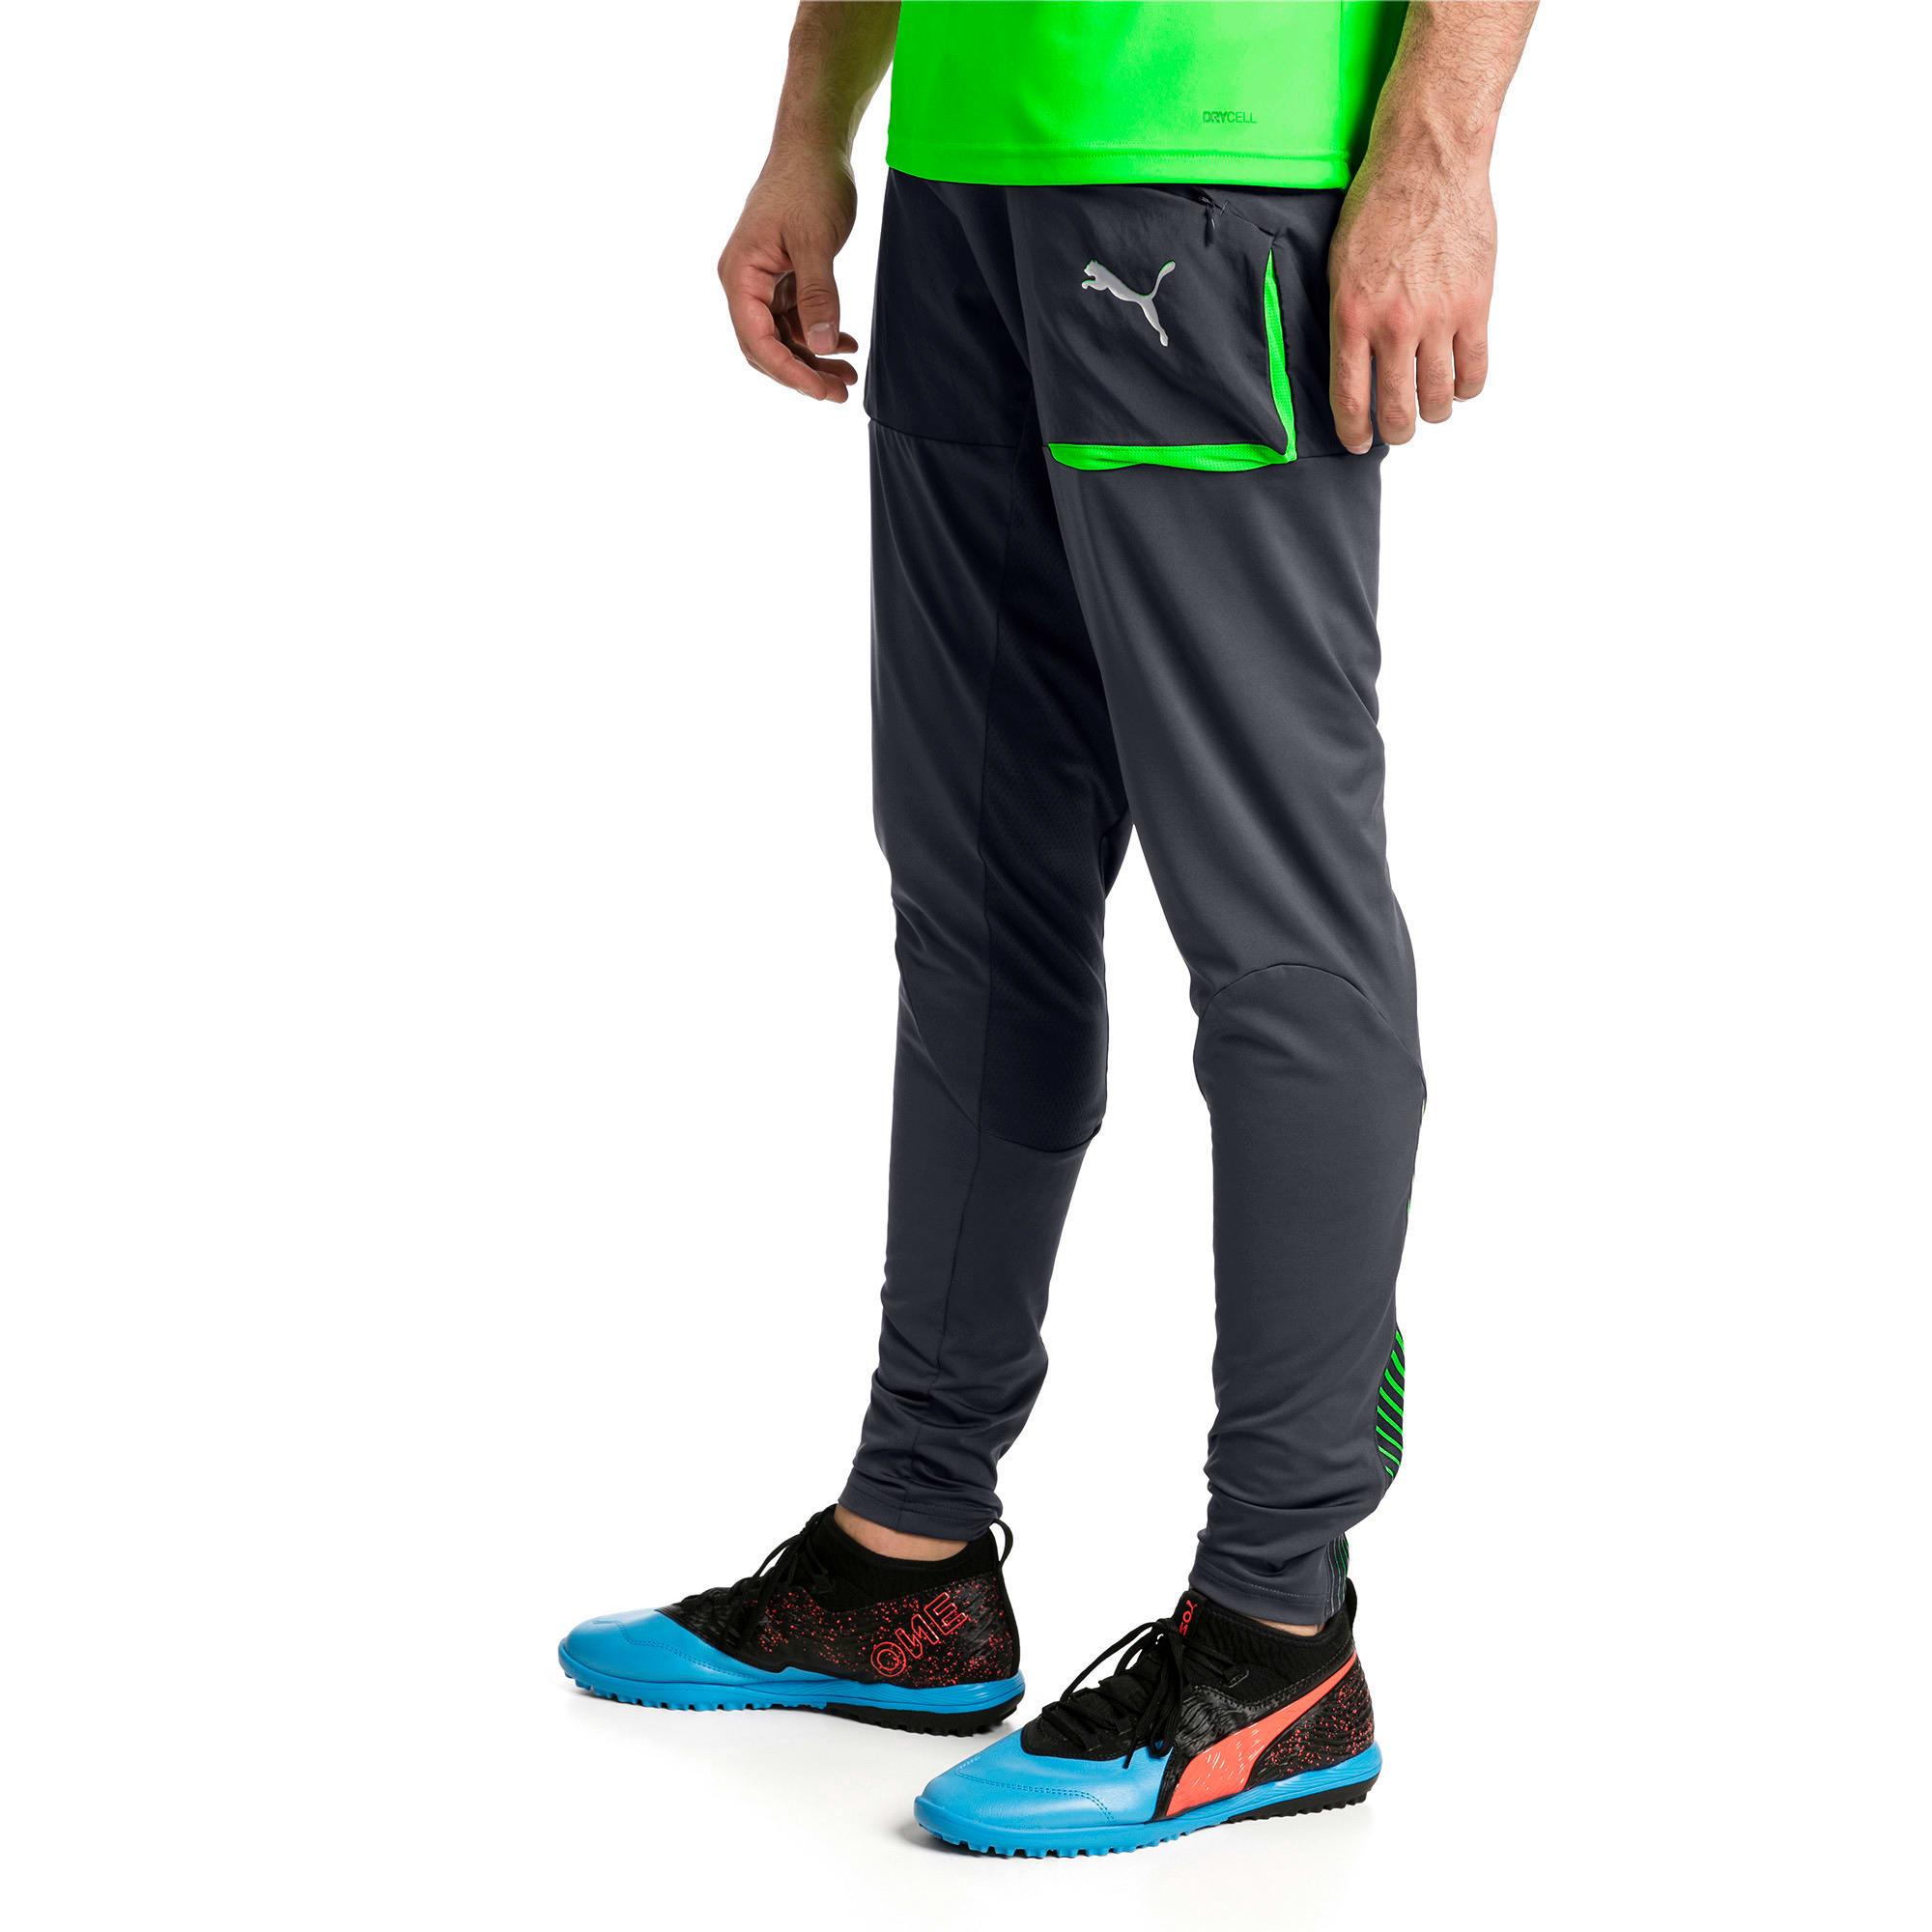 Thumbnail 2 of ftblNXT Men's Pro Training Pants, Ebony-Green Gecko, medium